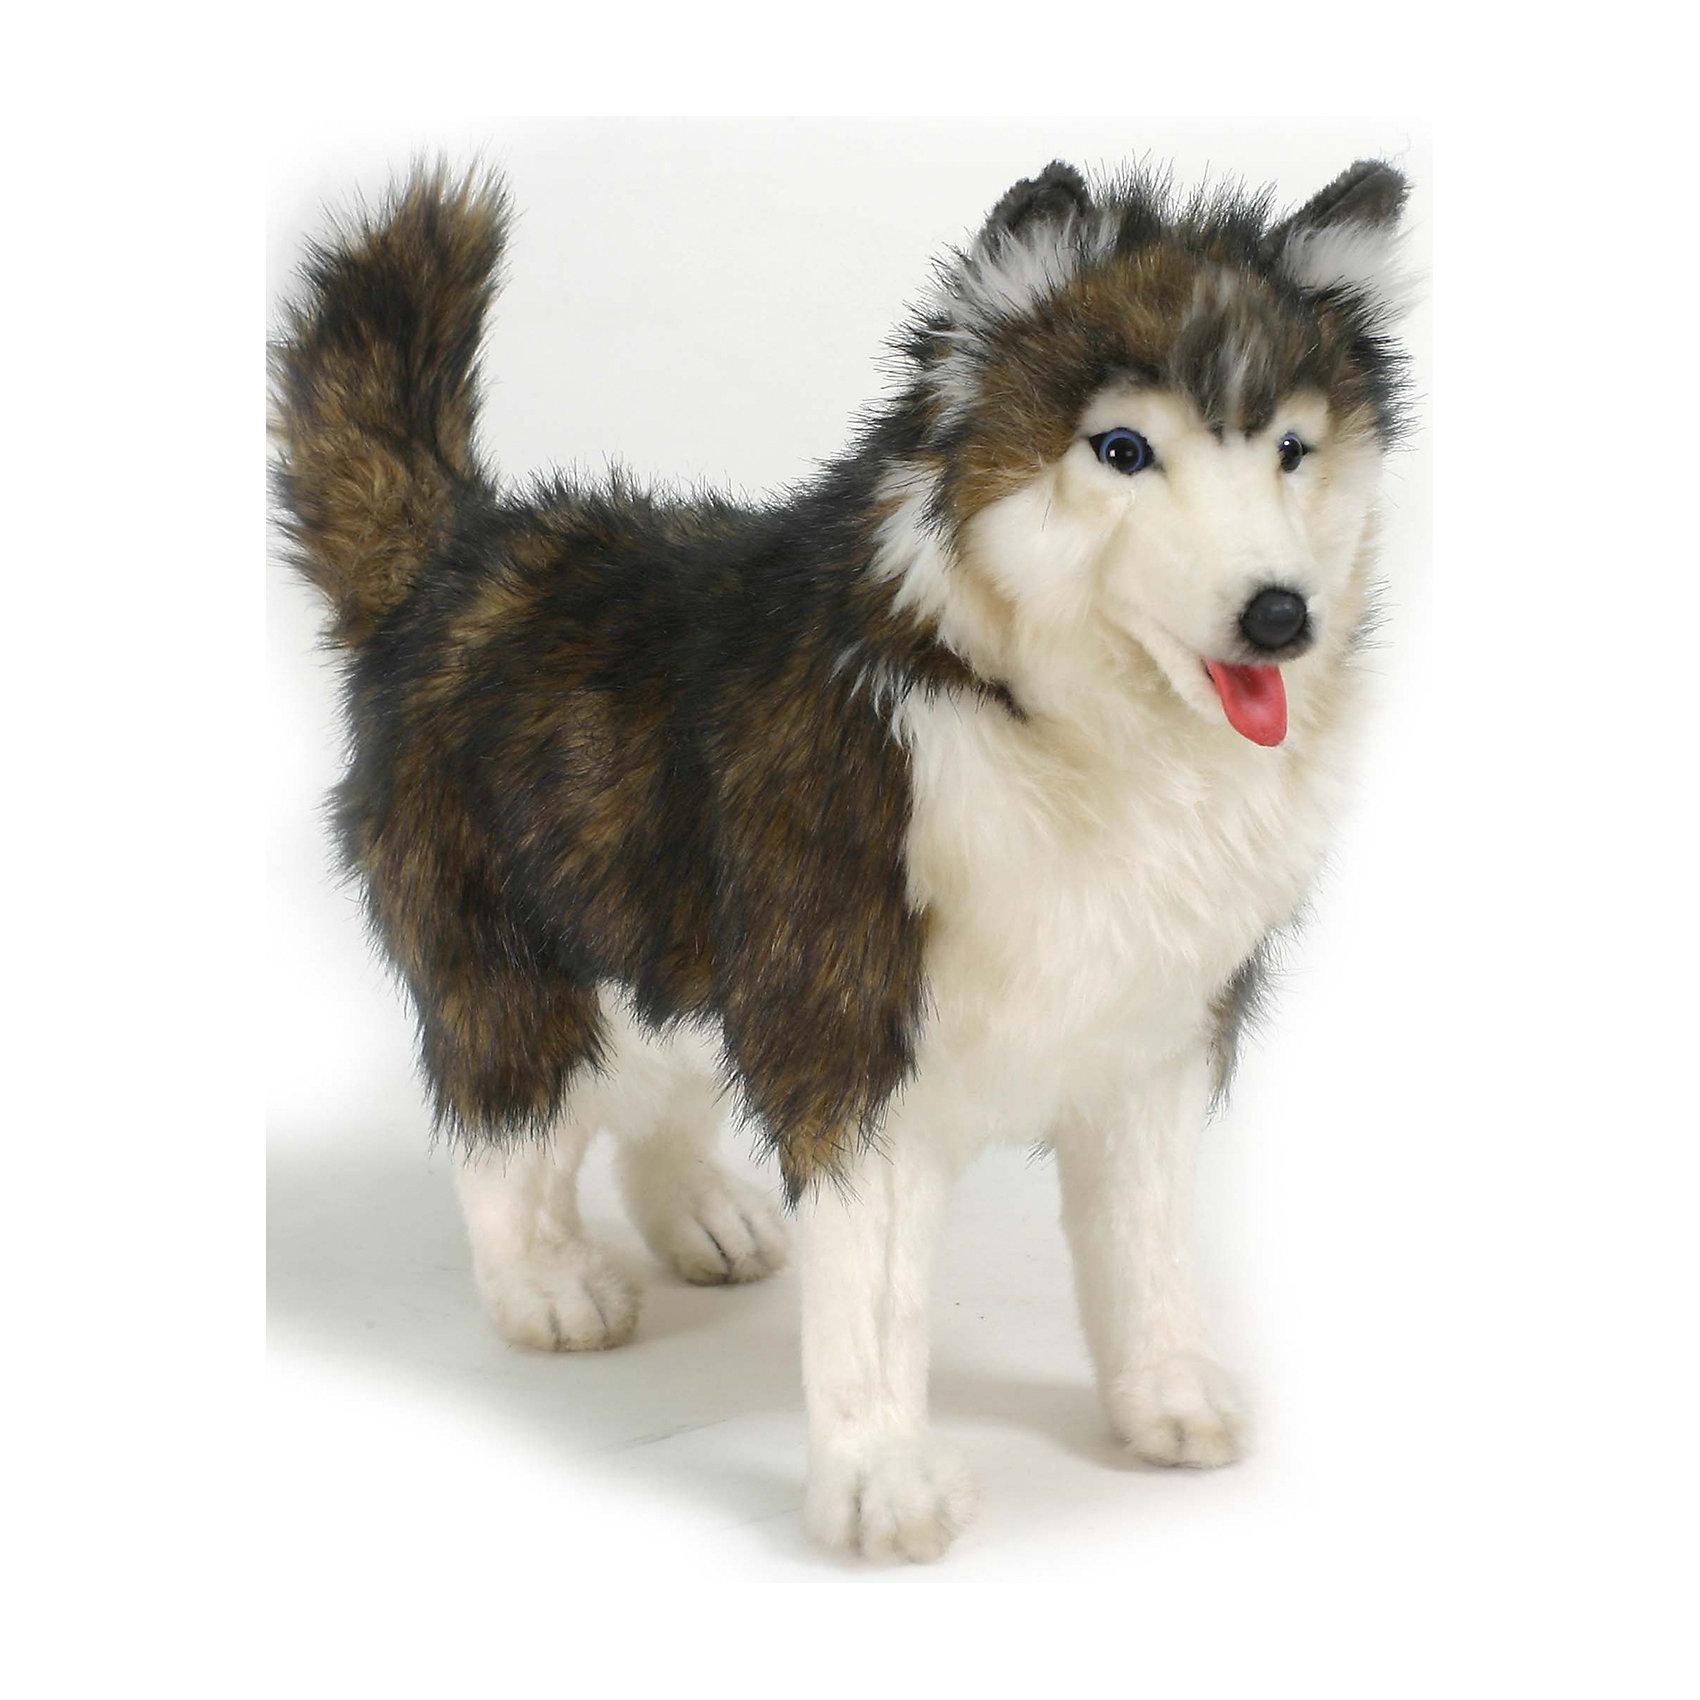 Собака породы Сибирский Хаски, 40 см, HansaКошки и собаки<br>Собака породы Сибирский Хаски, 40 см – игрушка от знаменитого бренда Hansa, специализирующегося на выпуске мягких игрушек с высокой степенью натуралистичности. Внешний вид собаки полностью соответствует своему реальному прототипу – собаке породы Хаски. Она выполнена из искусственного меха меланжевого темного цвета с ворсом средней длины и белого меха. Использованные материалы обладают гипоаллергенными свойствами. Внутри игрушки имеется металлический каркас, позволяющий изменять положение. <br>Игрушка относится к серии Домашние животные. <br>Мягкие игрушки от Hansa подходят для сюжетно-ролевых игр, для обучающих игр, направленных на знакомство с миром живой природы. Кроме того, их можно использовать в качестве интерьерных игрушек. Представленные у торгового бренда разнообразие игрушечных собак позволяет собрать свою коллекцию пород, которая будет радовать вашего ребенка долгое время, так как ручная работа и качественные материалы гарантируют их долговечность и прочность.<br><br>Дополнительная информация:<br><br>- Вид игр: сюжетно-ролевые игры, коллекционирование, интерьерные игрушки<br>- Предназначение: для дома, для детских развивающих центров, для детских садов<br>- Материал: искусственный мех, наполнитель ? полиэфирное волокно<br>- Размер (ДхШхВ): 40*15*35 см<br>- Вес: 420 г<br>- Особенности ухода: сухая чистка при помощи пылесоса или щетки для одежды<br><br>Подробнее:<br><br>• Для детей в возрасте: от 3 лет <br>• Страна производитель: Филиппины<br>• Торговый бренд: Hansa<br><br>Собаку породы Сибирский Хаски, 40 см можно купить в нашем интернет-магазине.<br><br>Ширина мм: 150<br>Глубина мм: 350<br>Высота мм: 400<br>Вес г: 380<br>Возраст от месяцев: 36<br>Возраст до месяцев: 2147483647<br>Пол: Унисекс<br>Возраст: Детский<br>SKU: 4935400